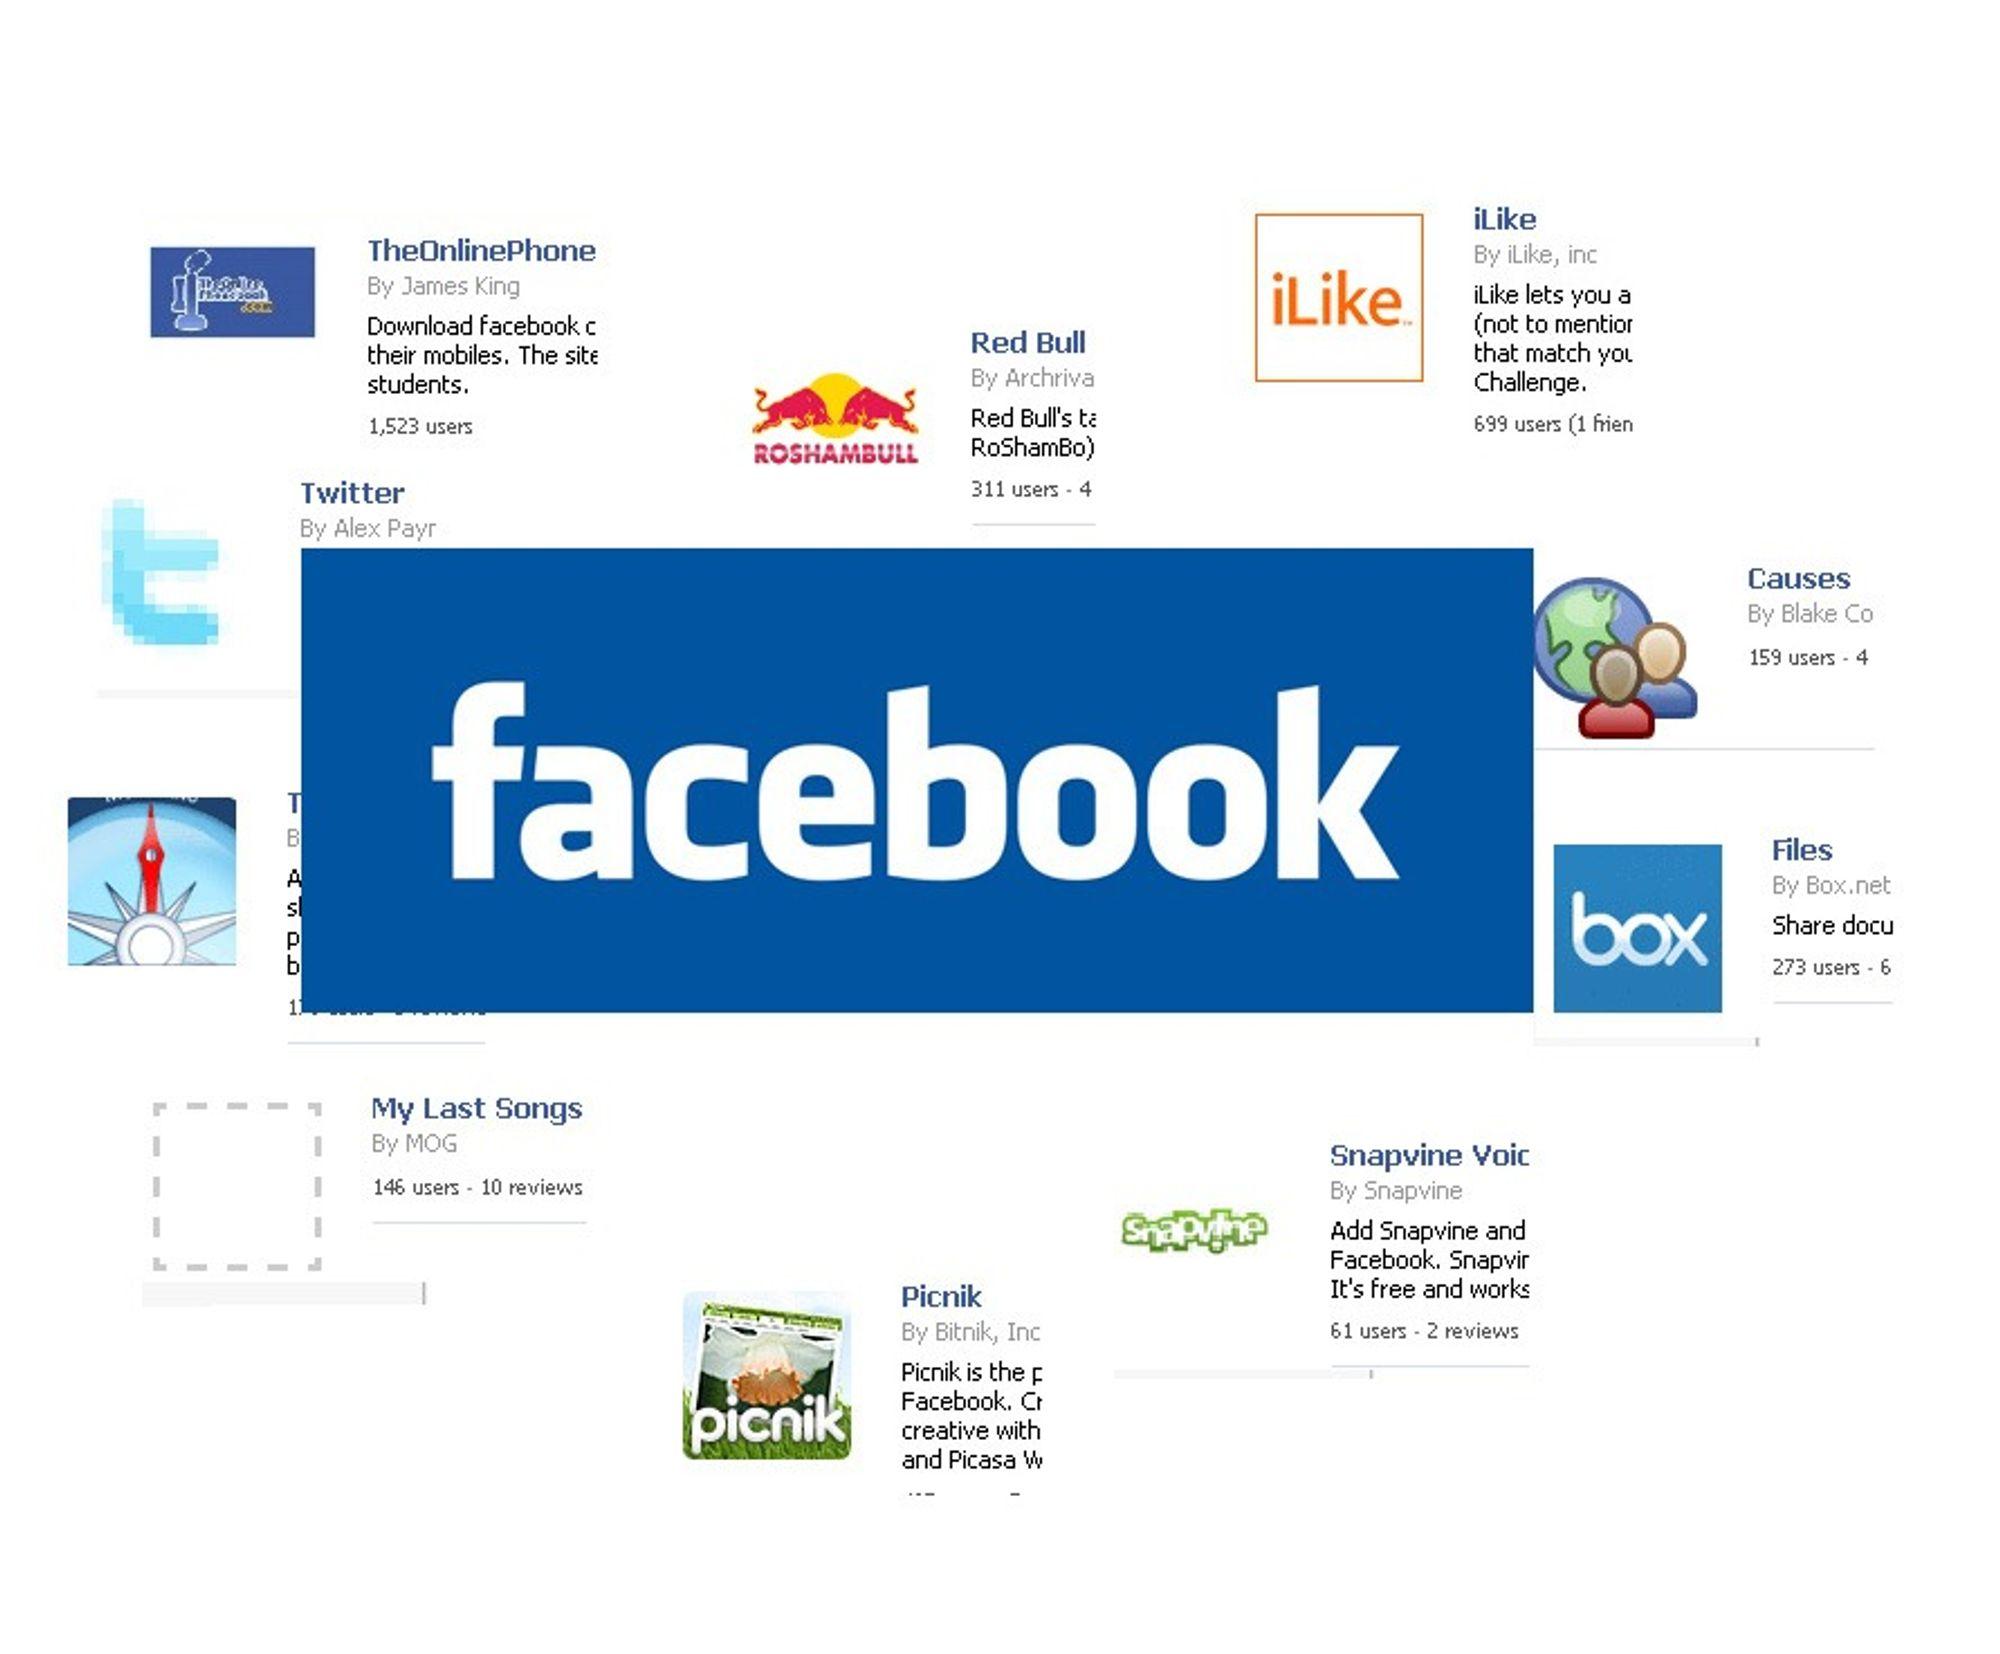 Tredjepartsutviklere har for enkel tilgang til personlig informasjon på Facebook, mener den kanadiske personvernkommisjonæren.